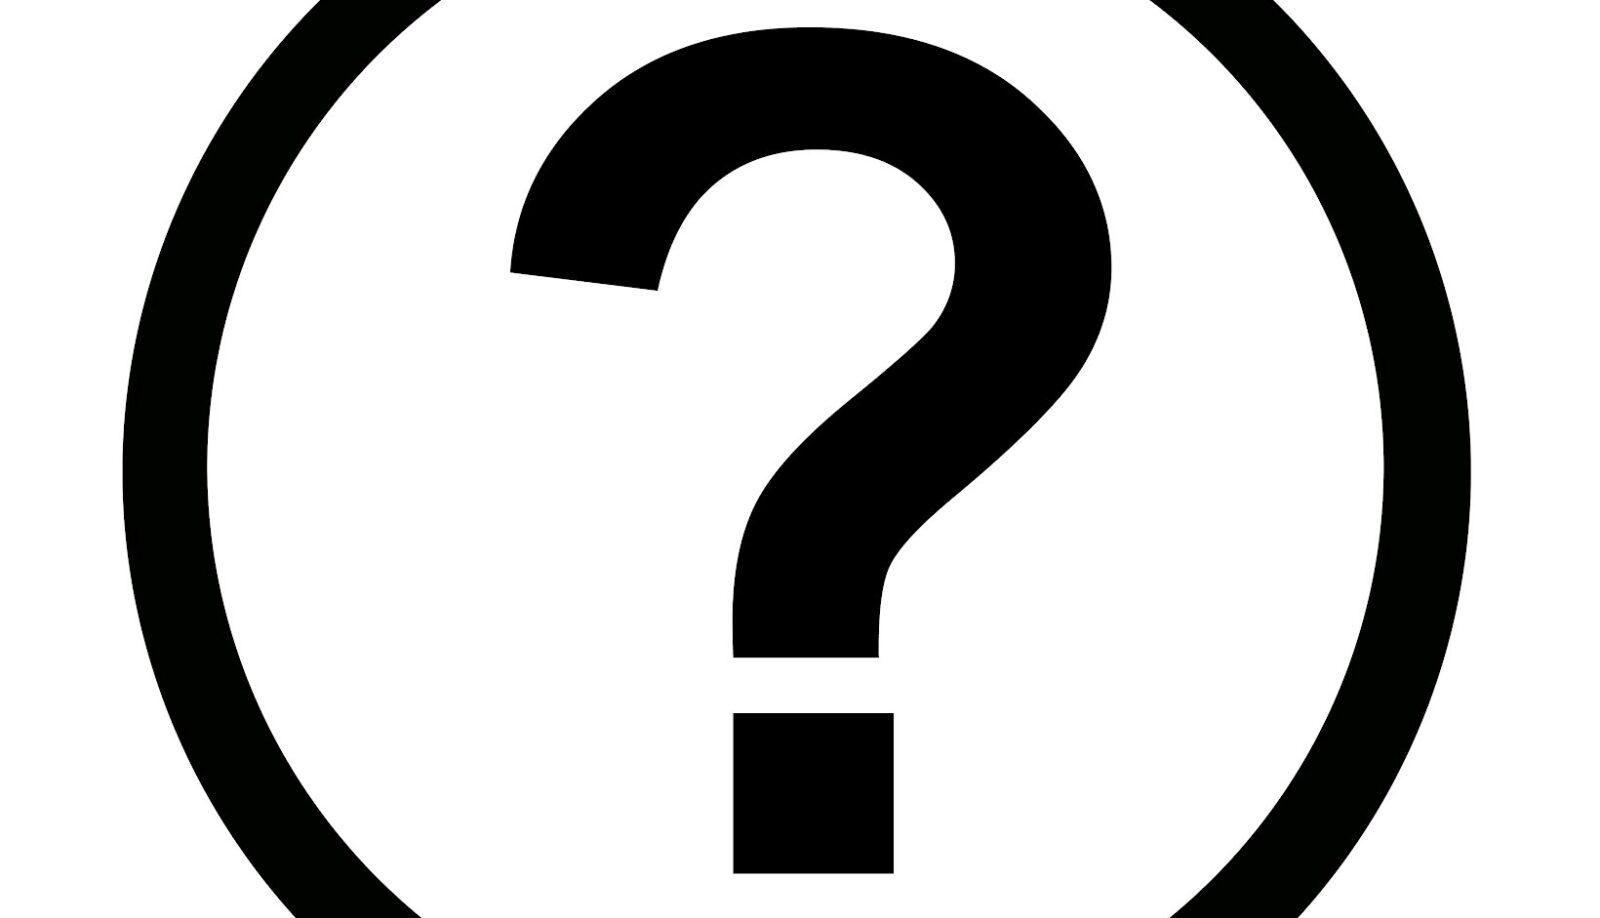 ОАВ: Келесдаги номаълум мавжудот ҳақидаги маълумот ҳазилми ёки ҳақиқат?